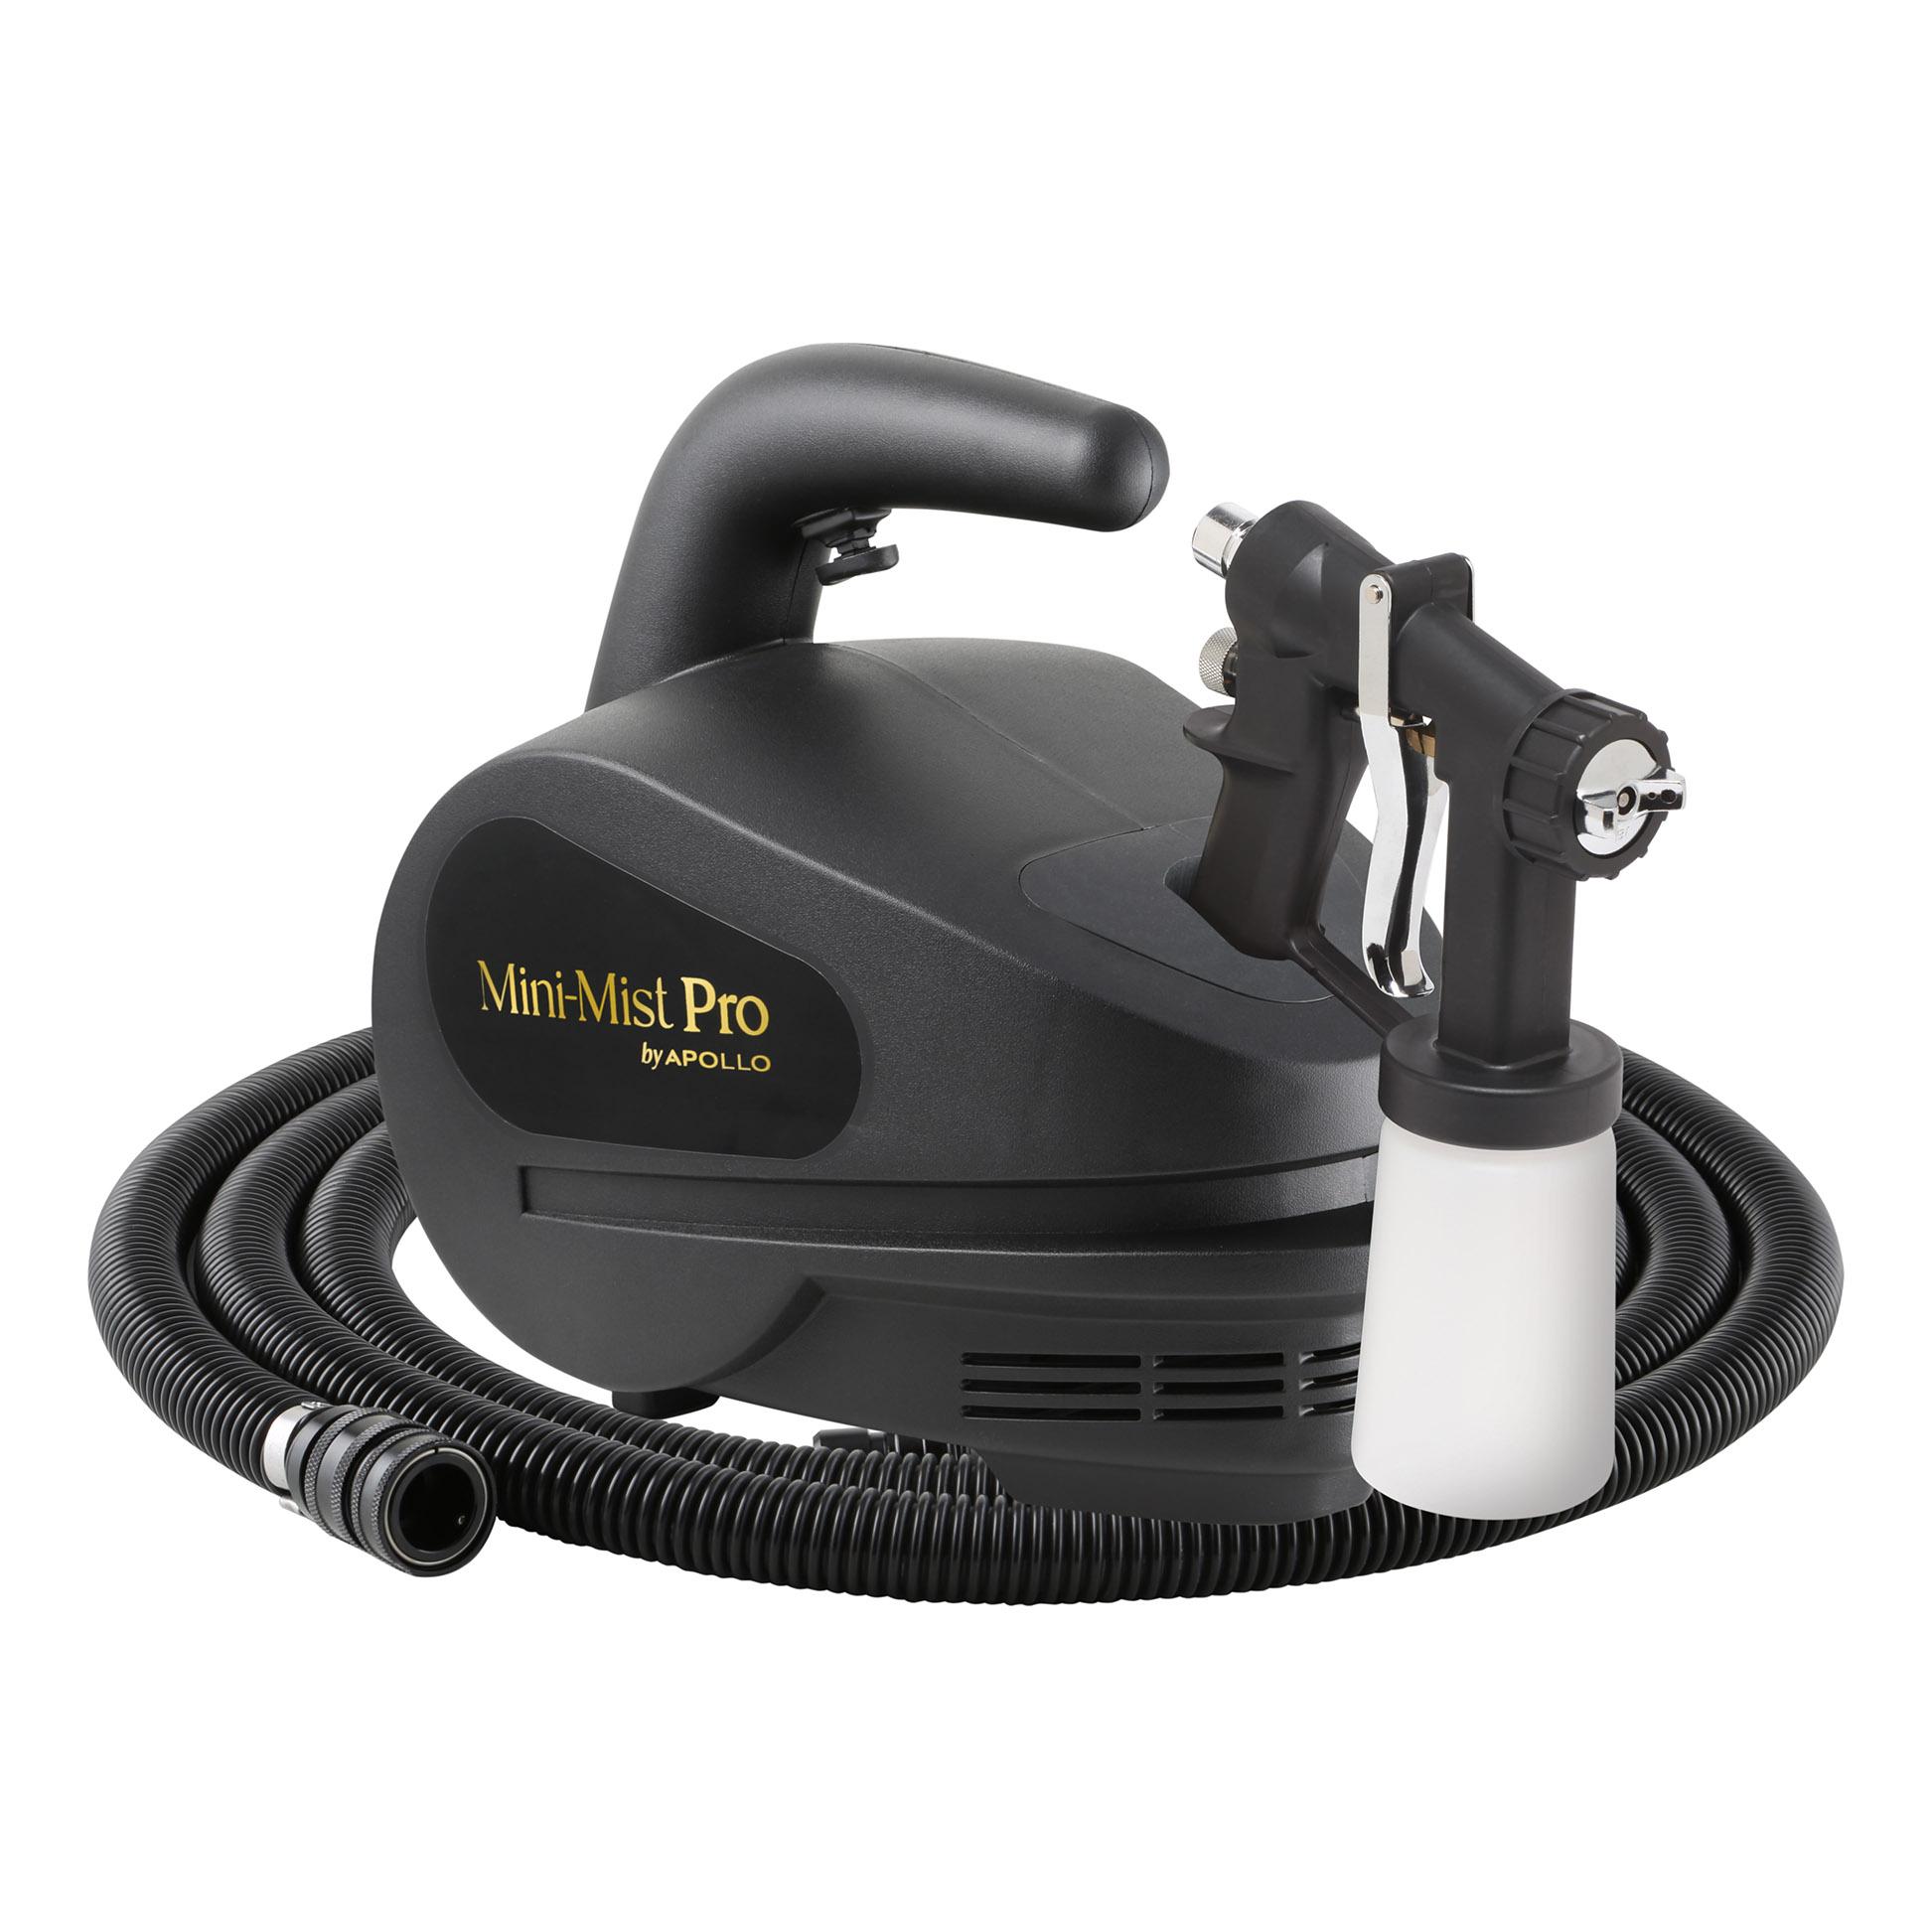 Mini-Mist Pro T6000